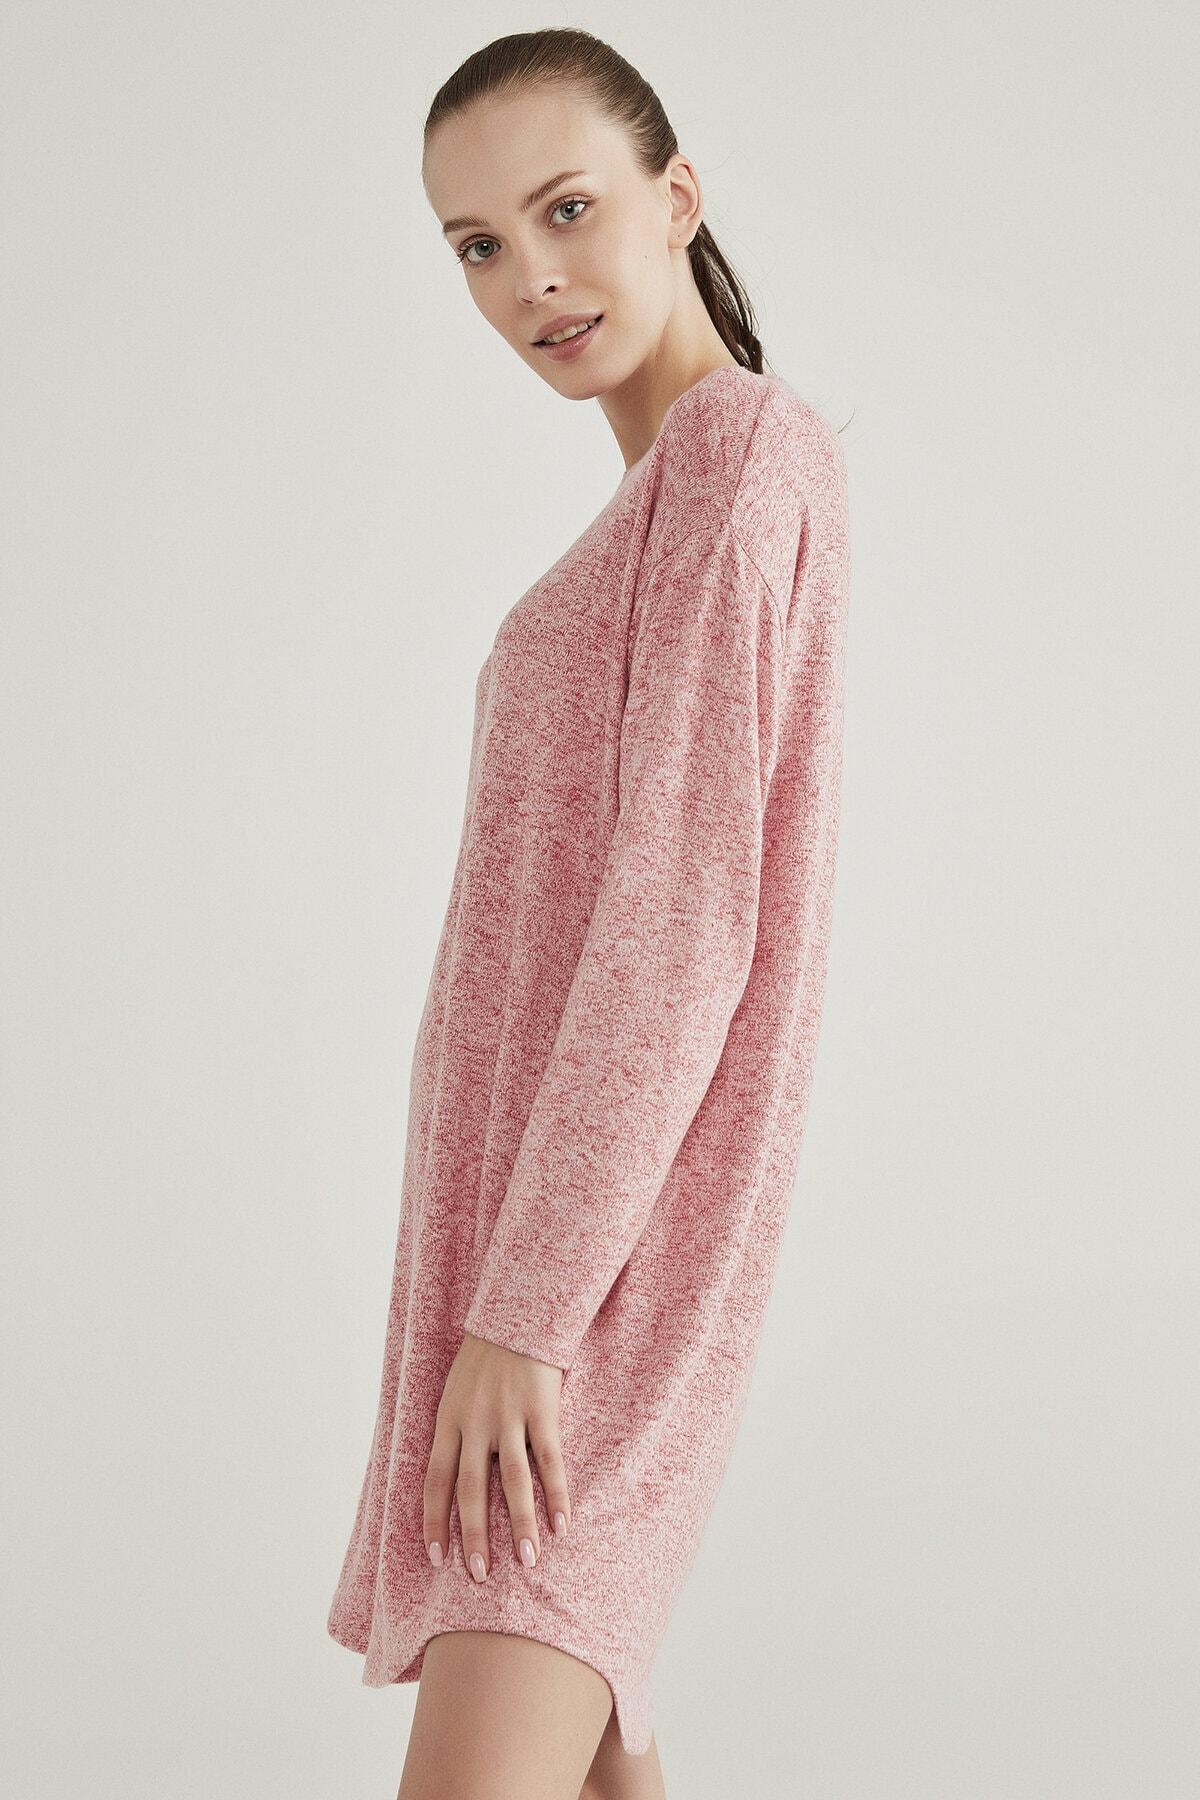 Penti Pembe Melanj Pink Feeling Elbise 2